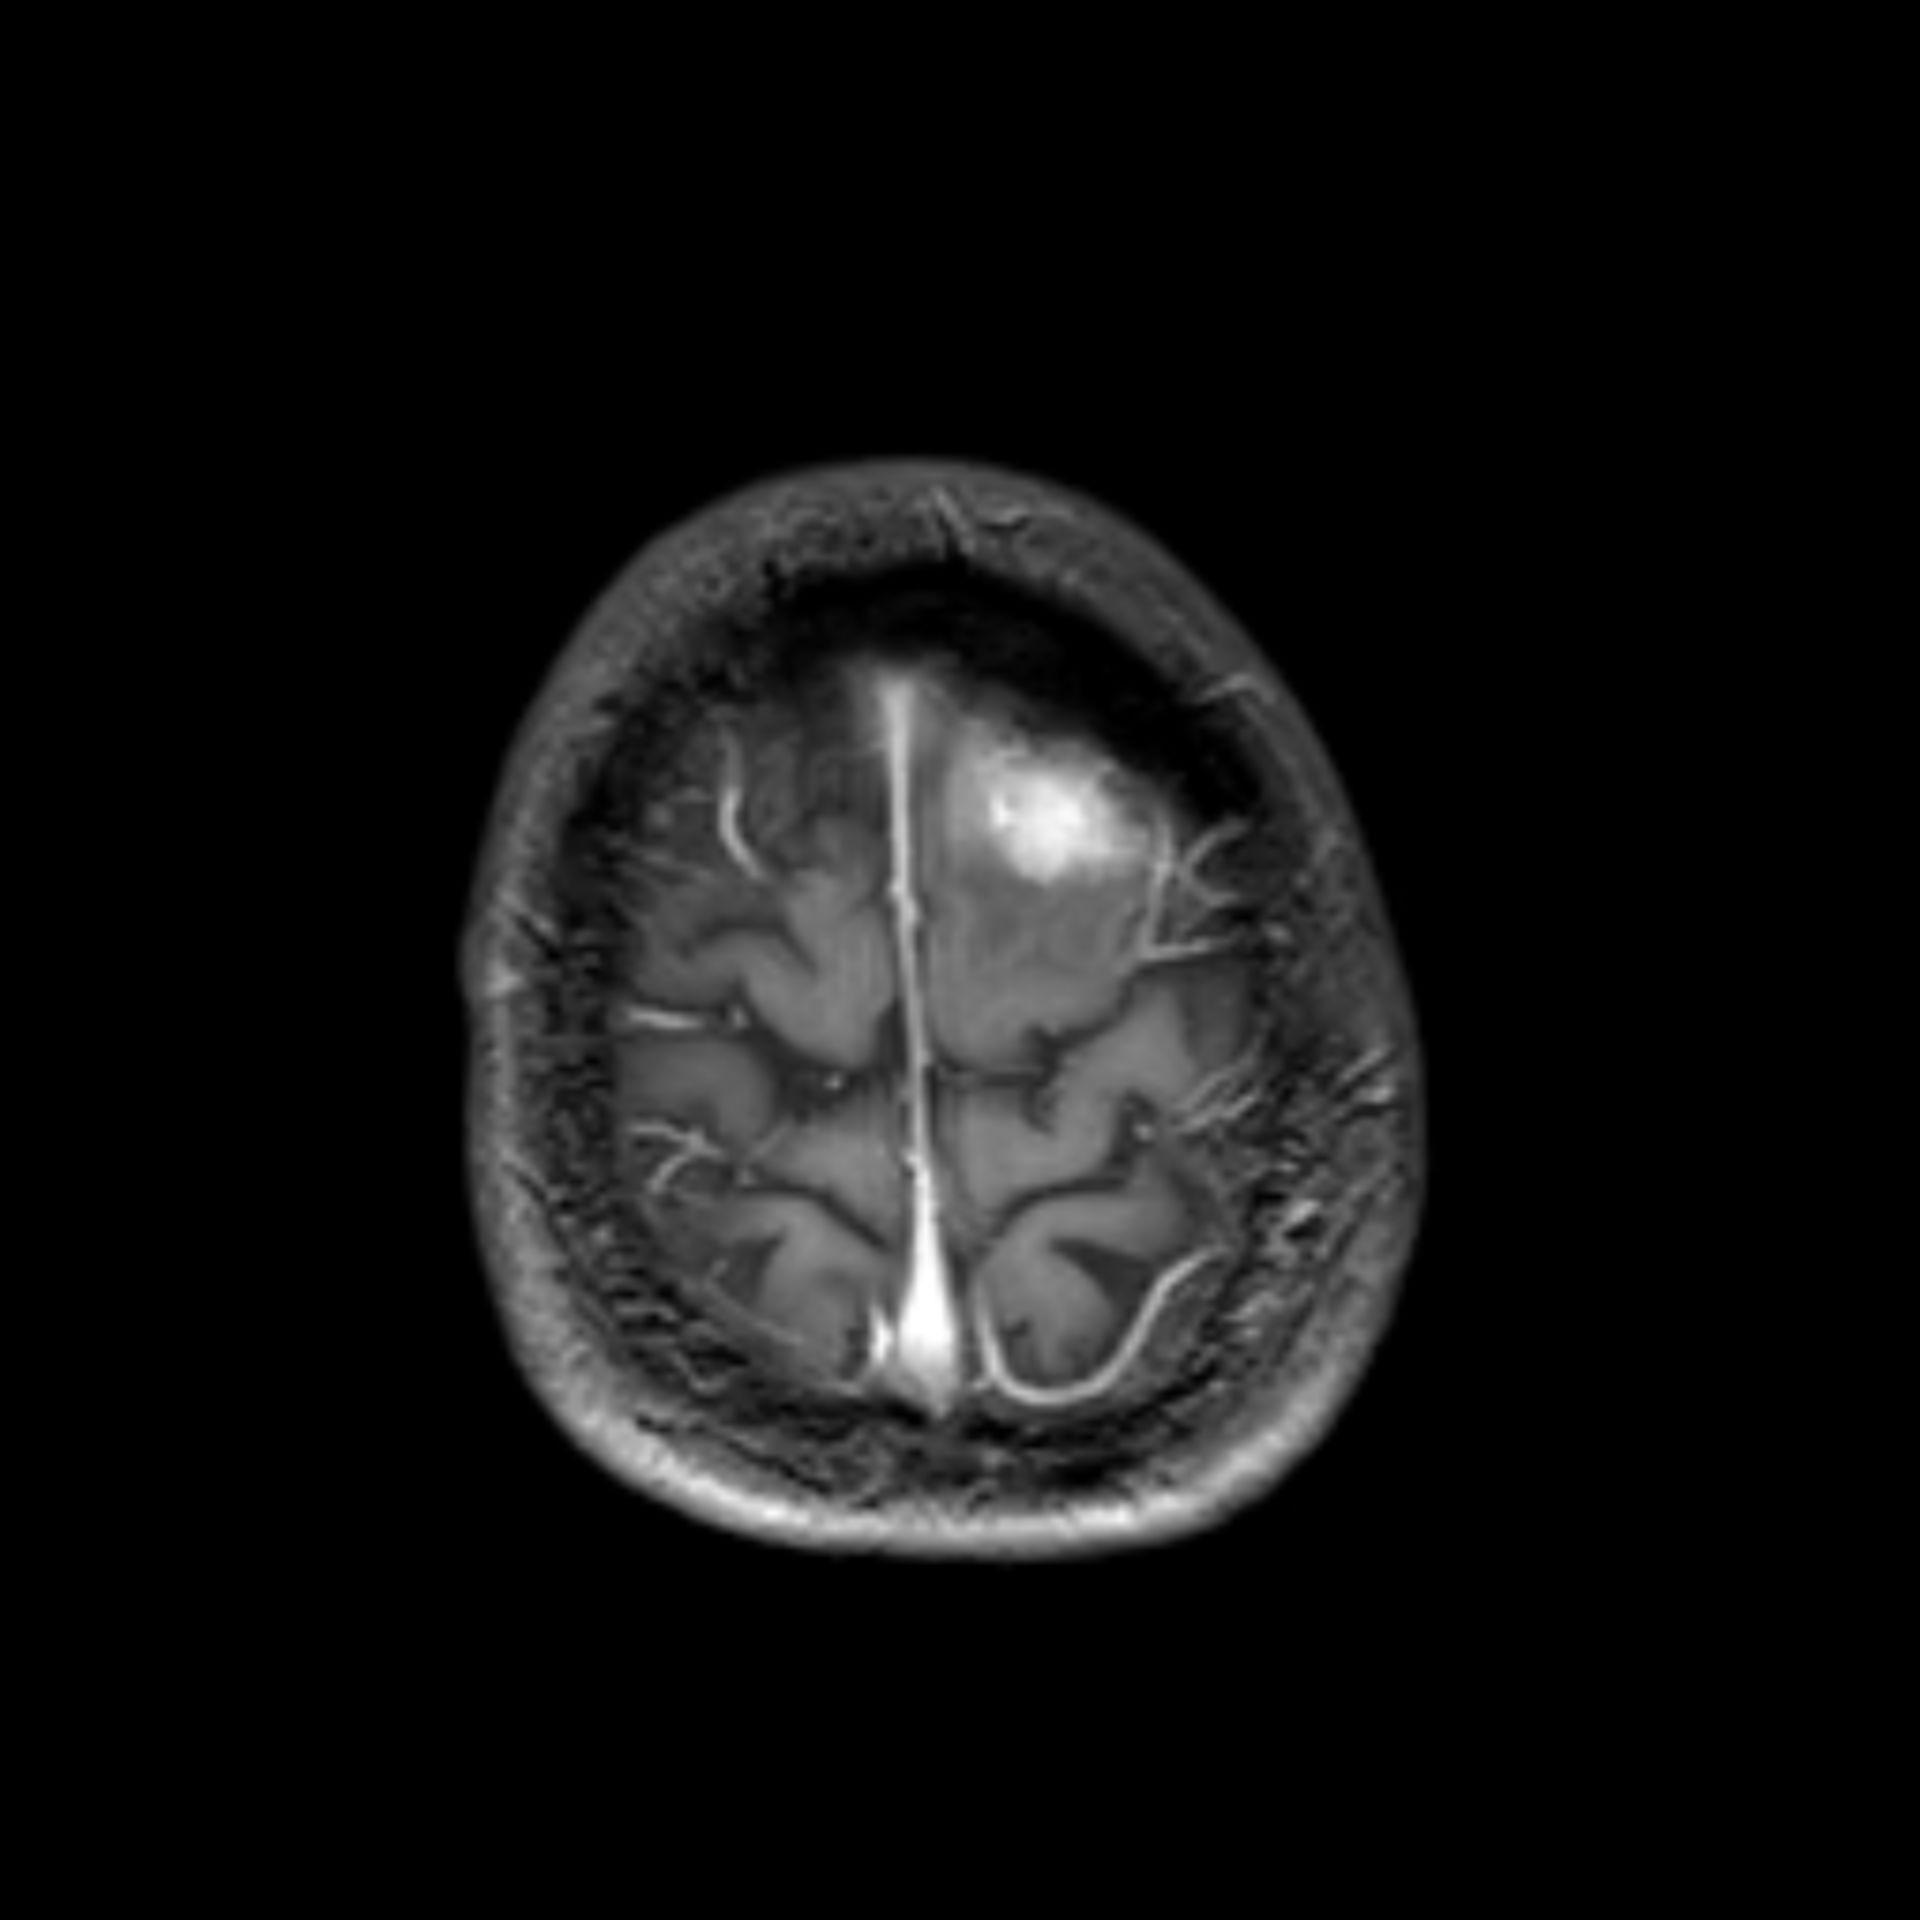 mrt_t1_km_tra3: MRT des Kopfes in transversaler Ebene